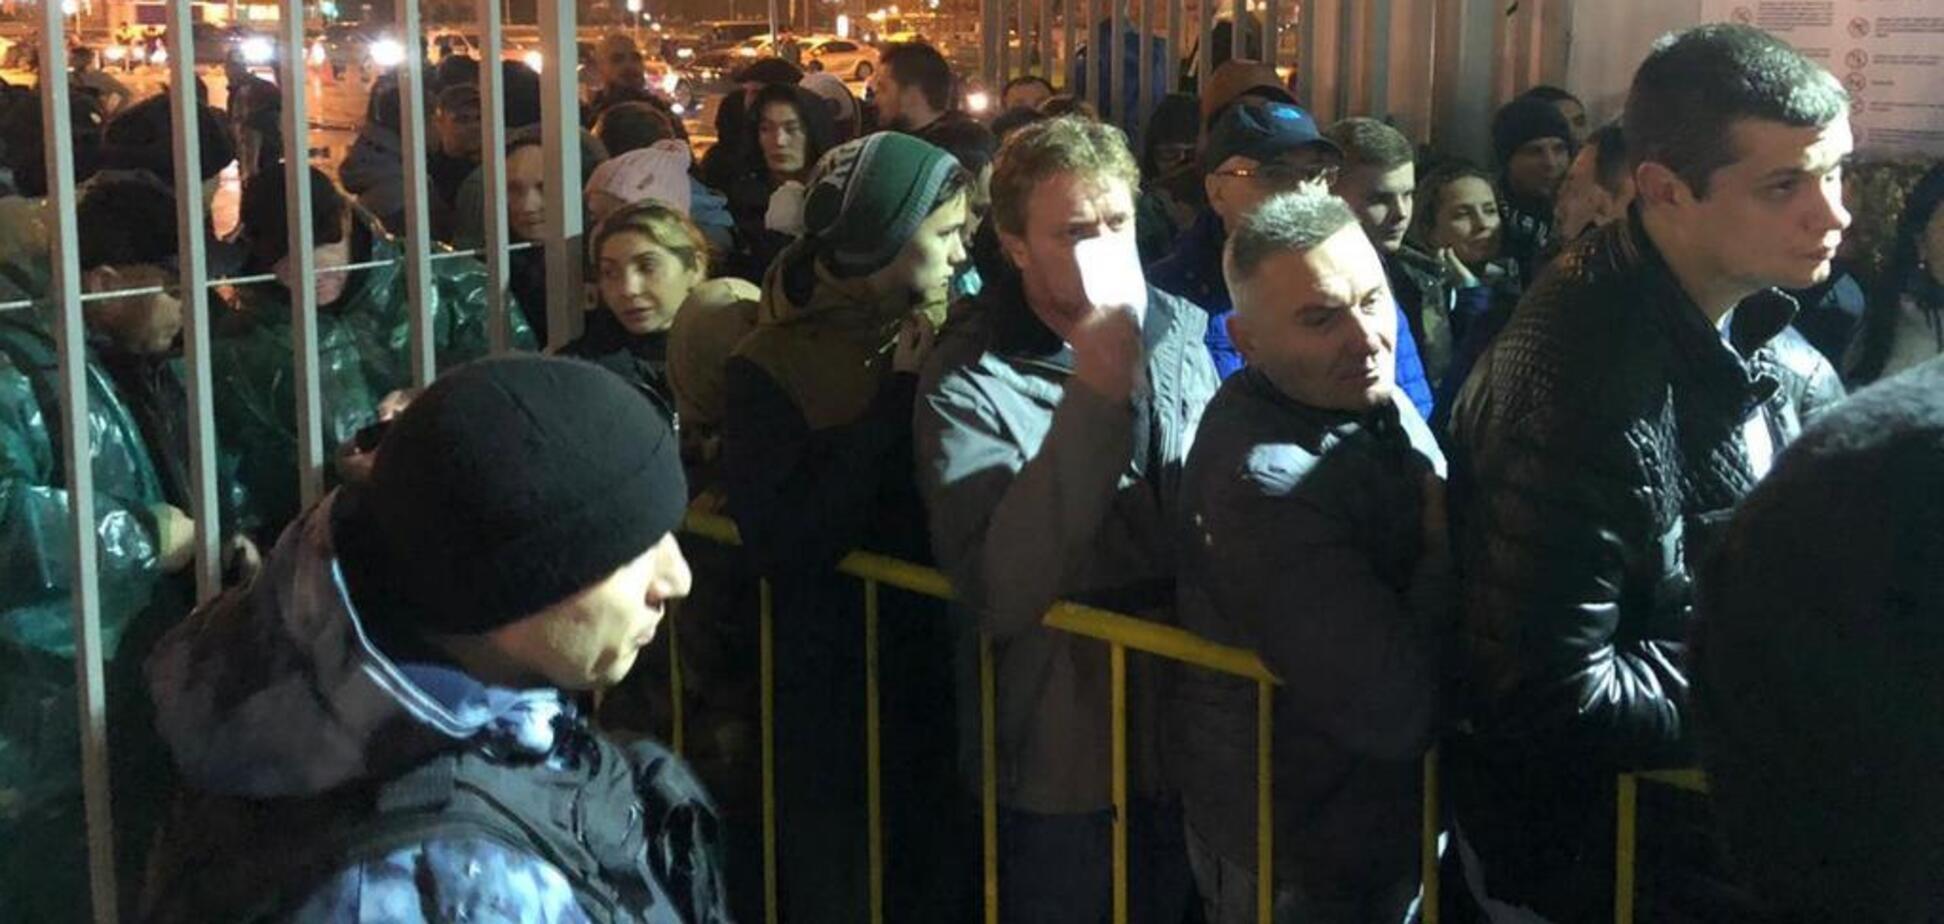 Матч 'Ювентуса' в Москве ознаменовался громким скандалом